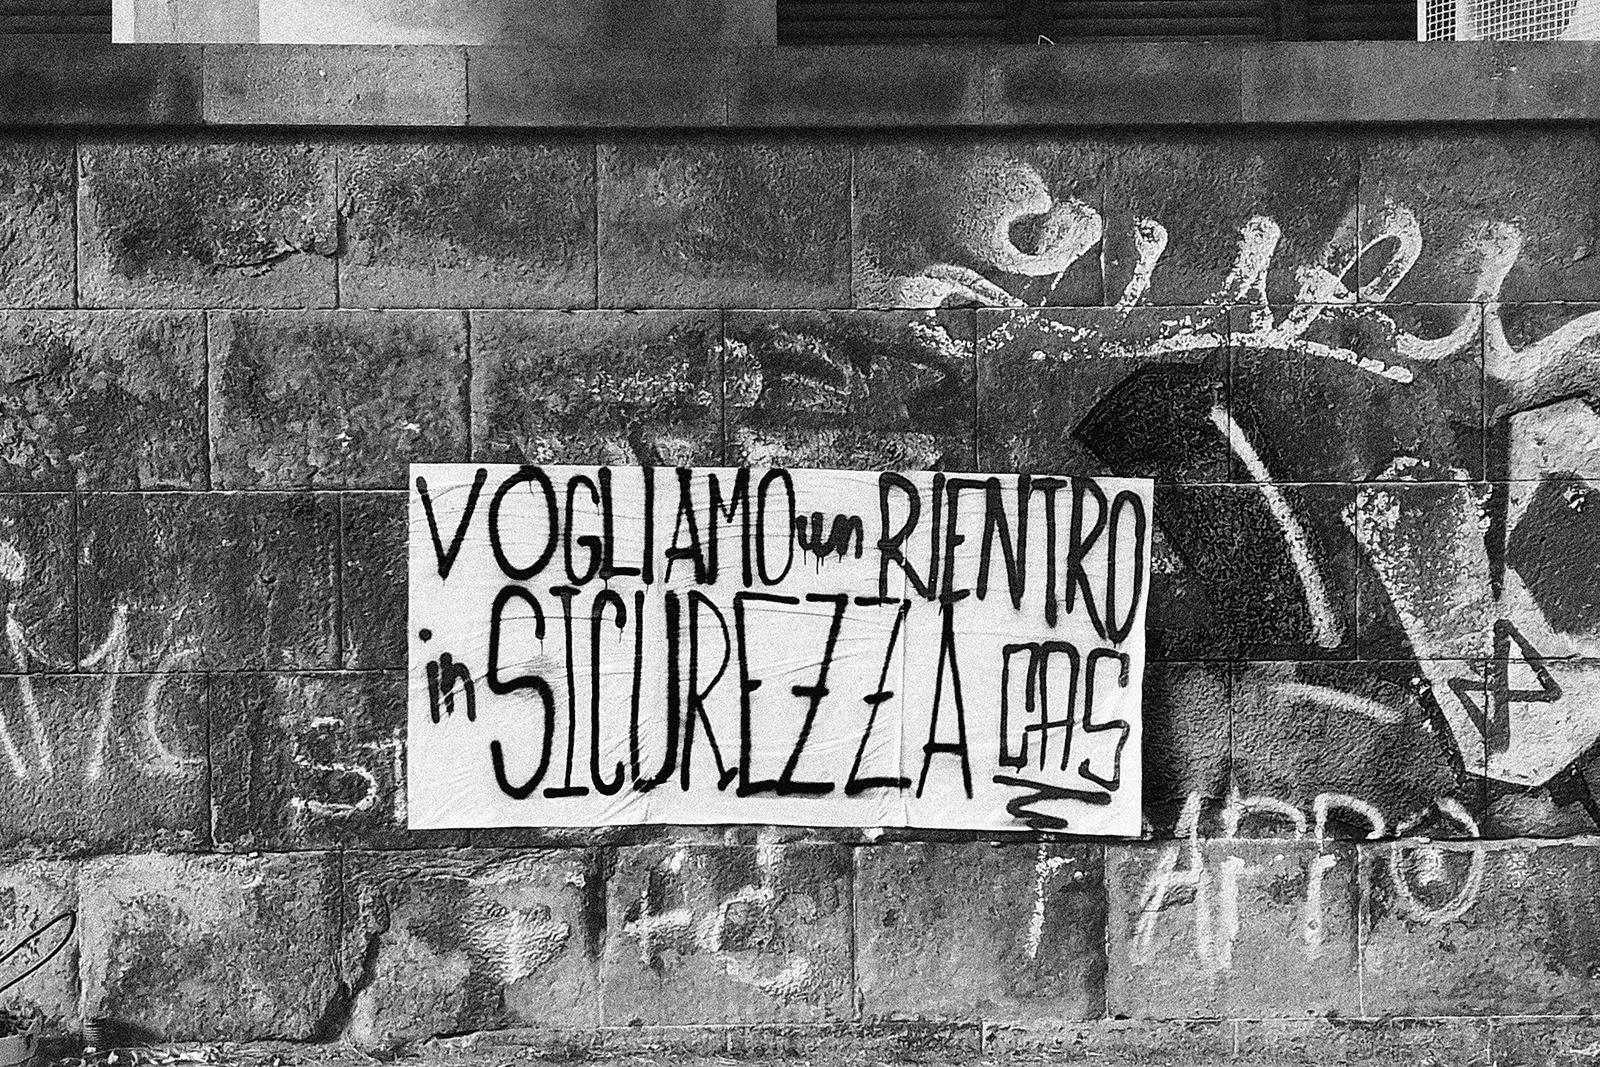 © Giusanna Di Stefano